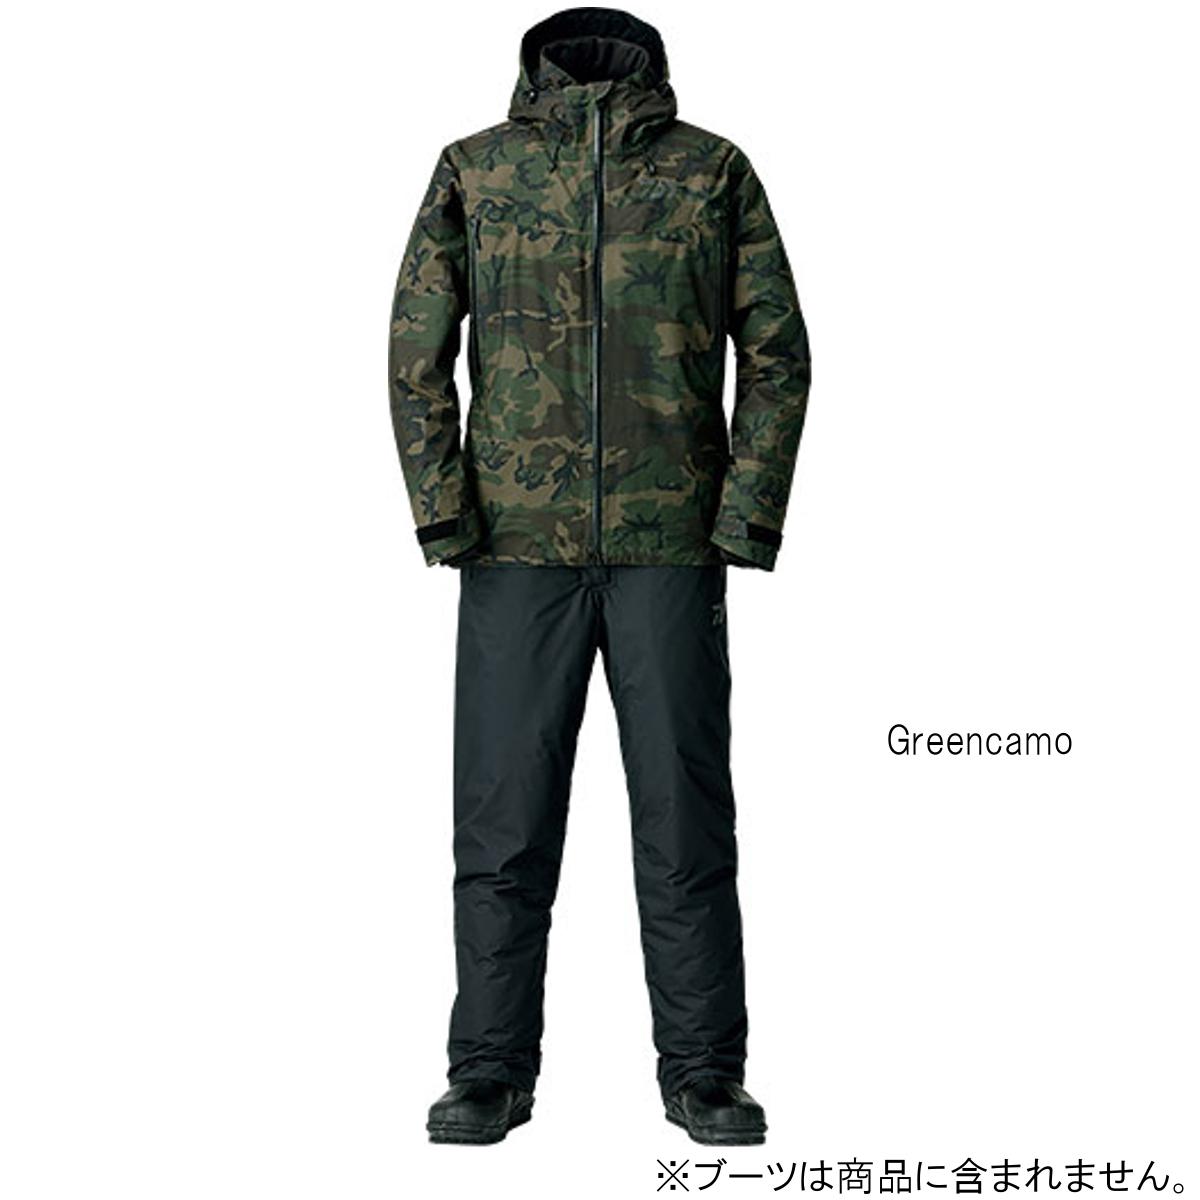 ダイワ レインマックス ウィンタースーツ DW-3108 M Greencamo【送料無料】